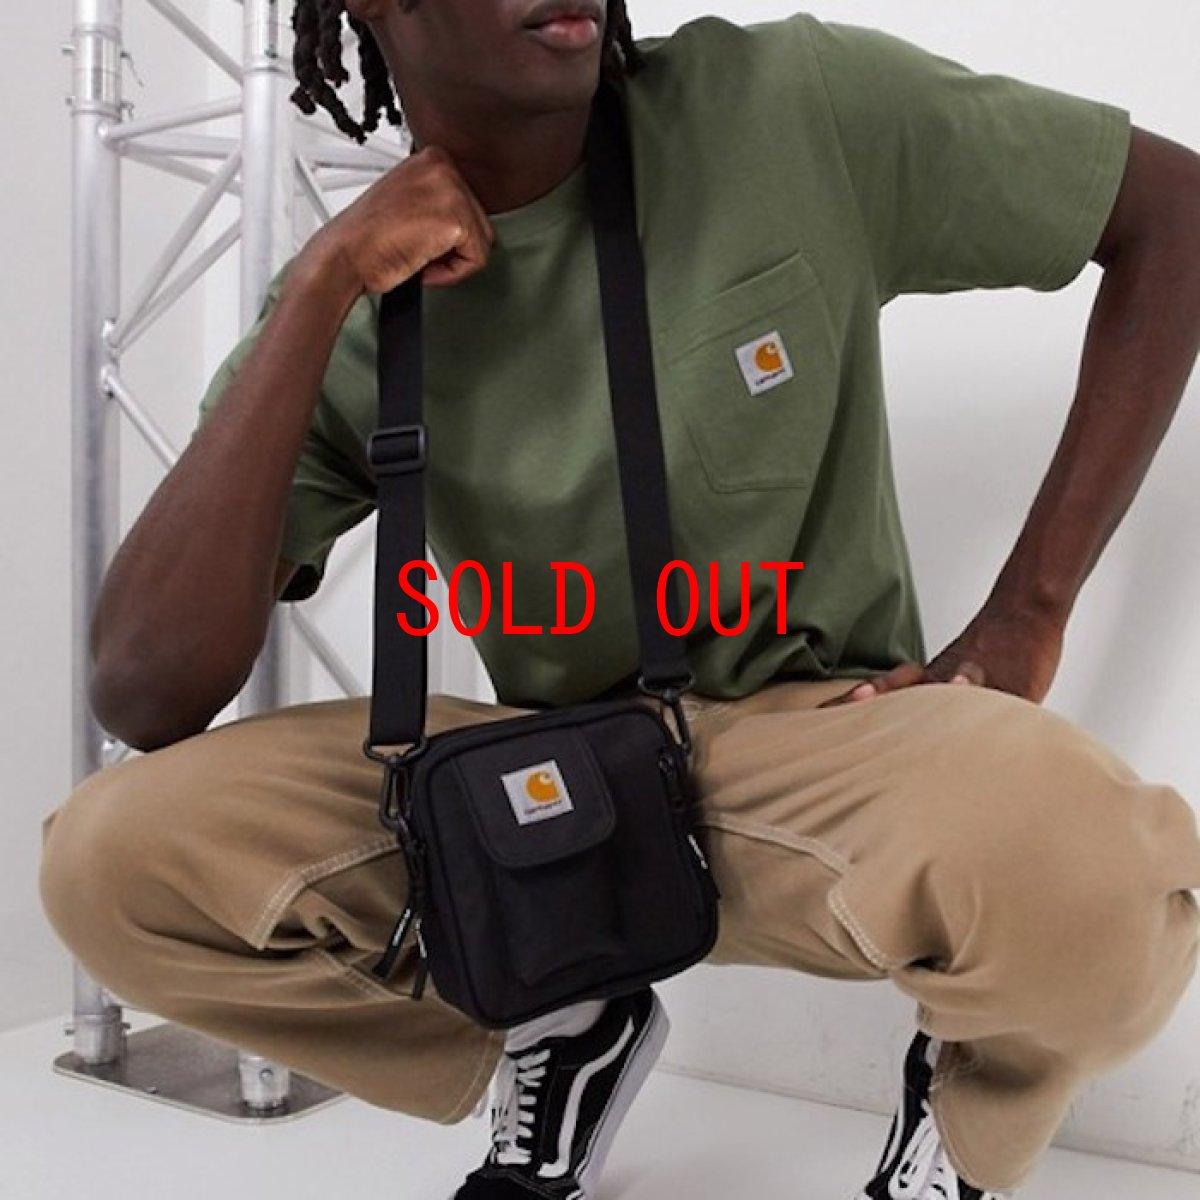 画像1: Essentials Bag Small エッセンシャル ショルダー バッグ Black Hamilton Brown Camo Laurel Multi ブラック ブラウン カモ 切替 (1)